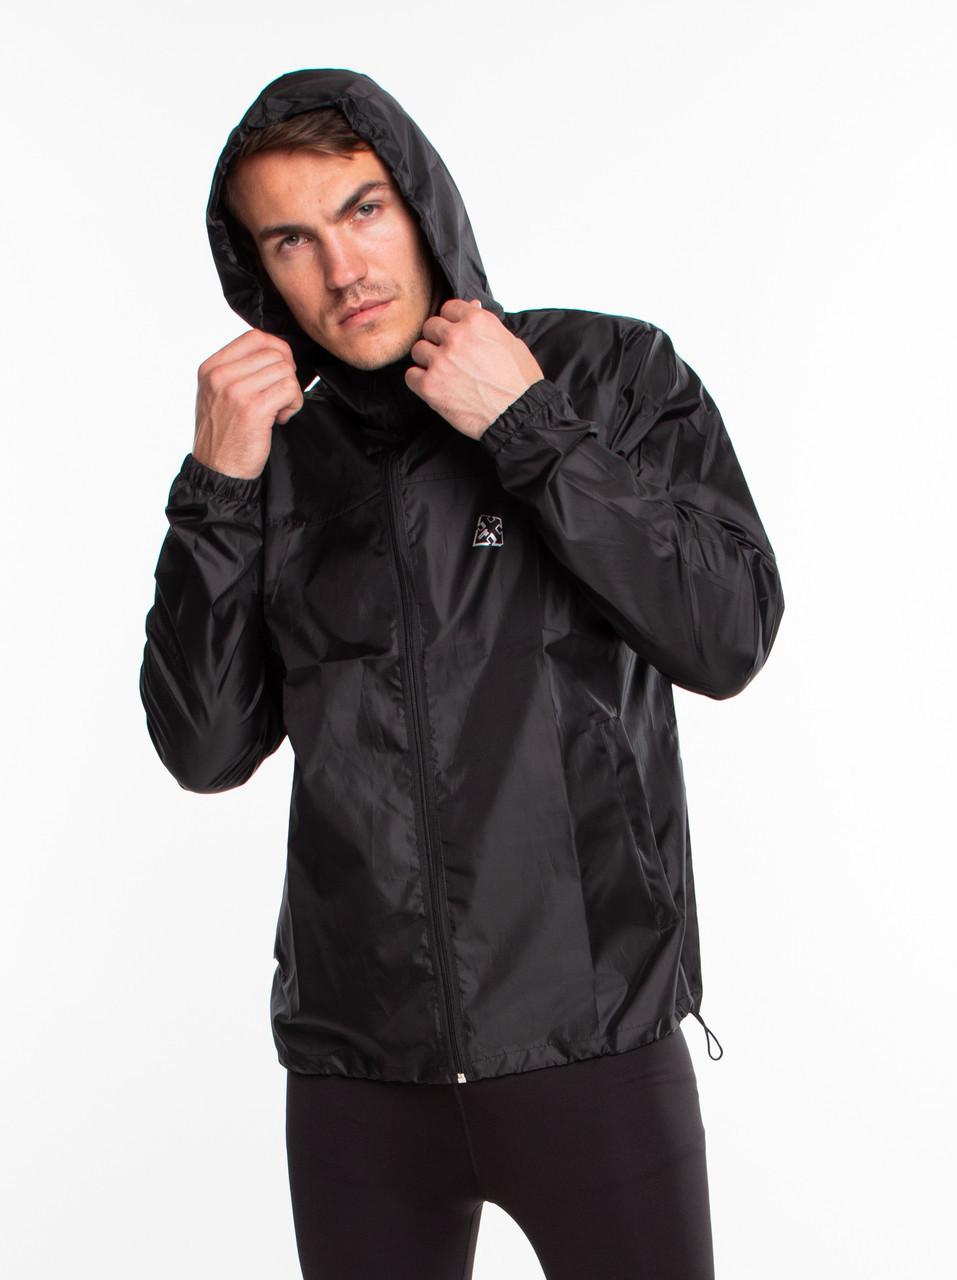 Ветровка-дождевик мужская Radical Flurry, с капюшоном, легкая водонепроницаемая куртка